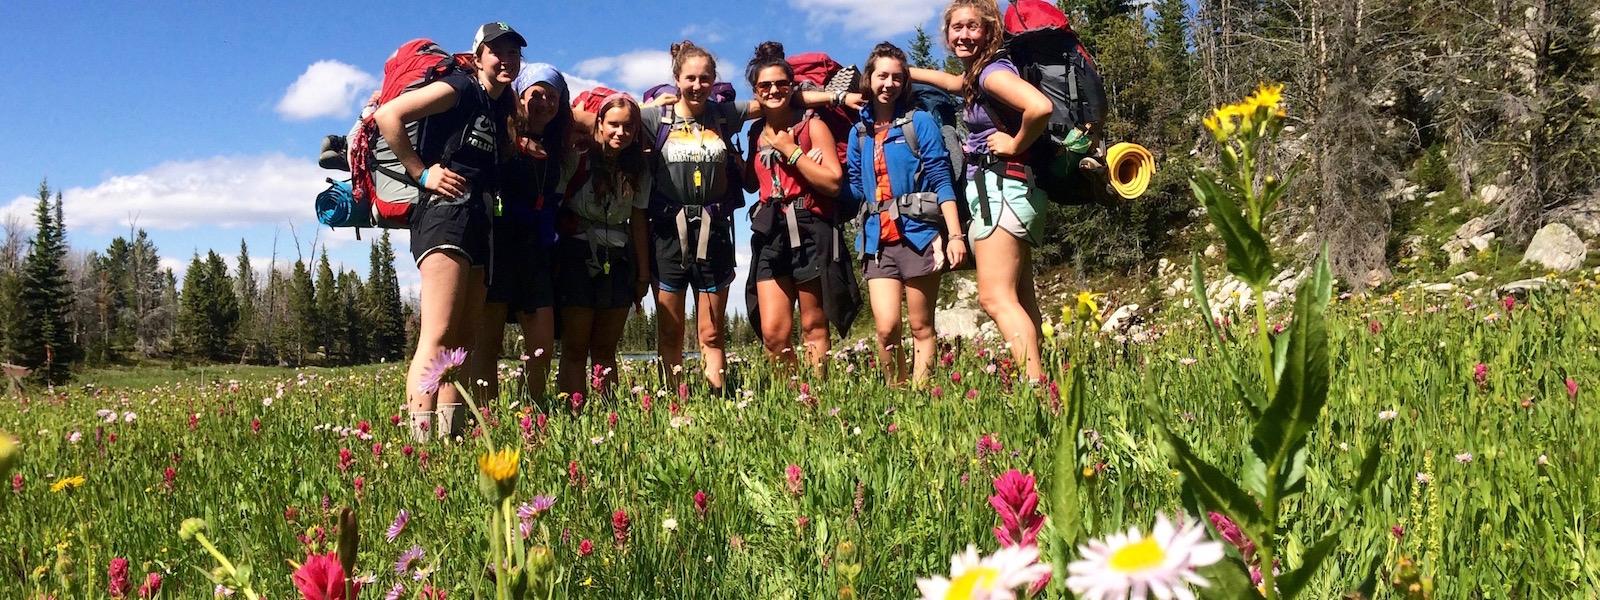 Montana Girls Summer Camp